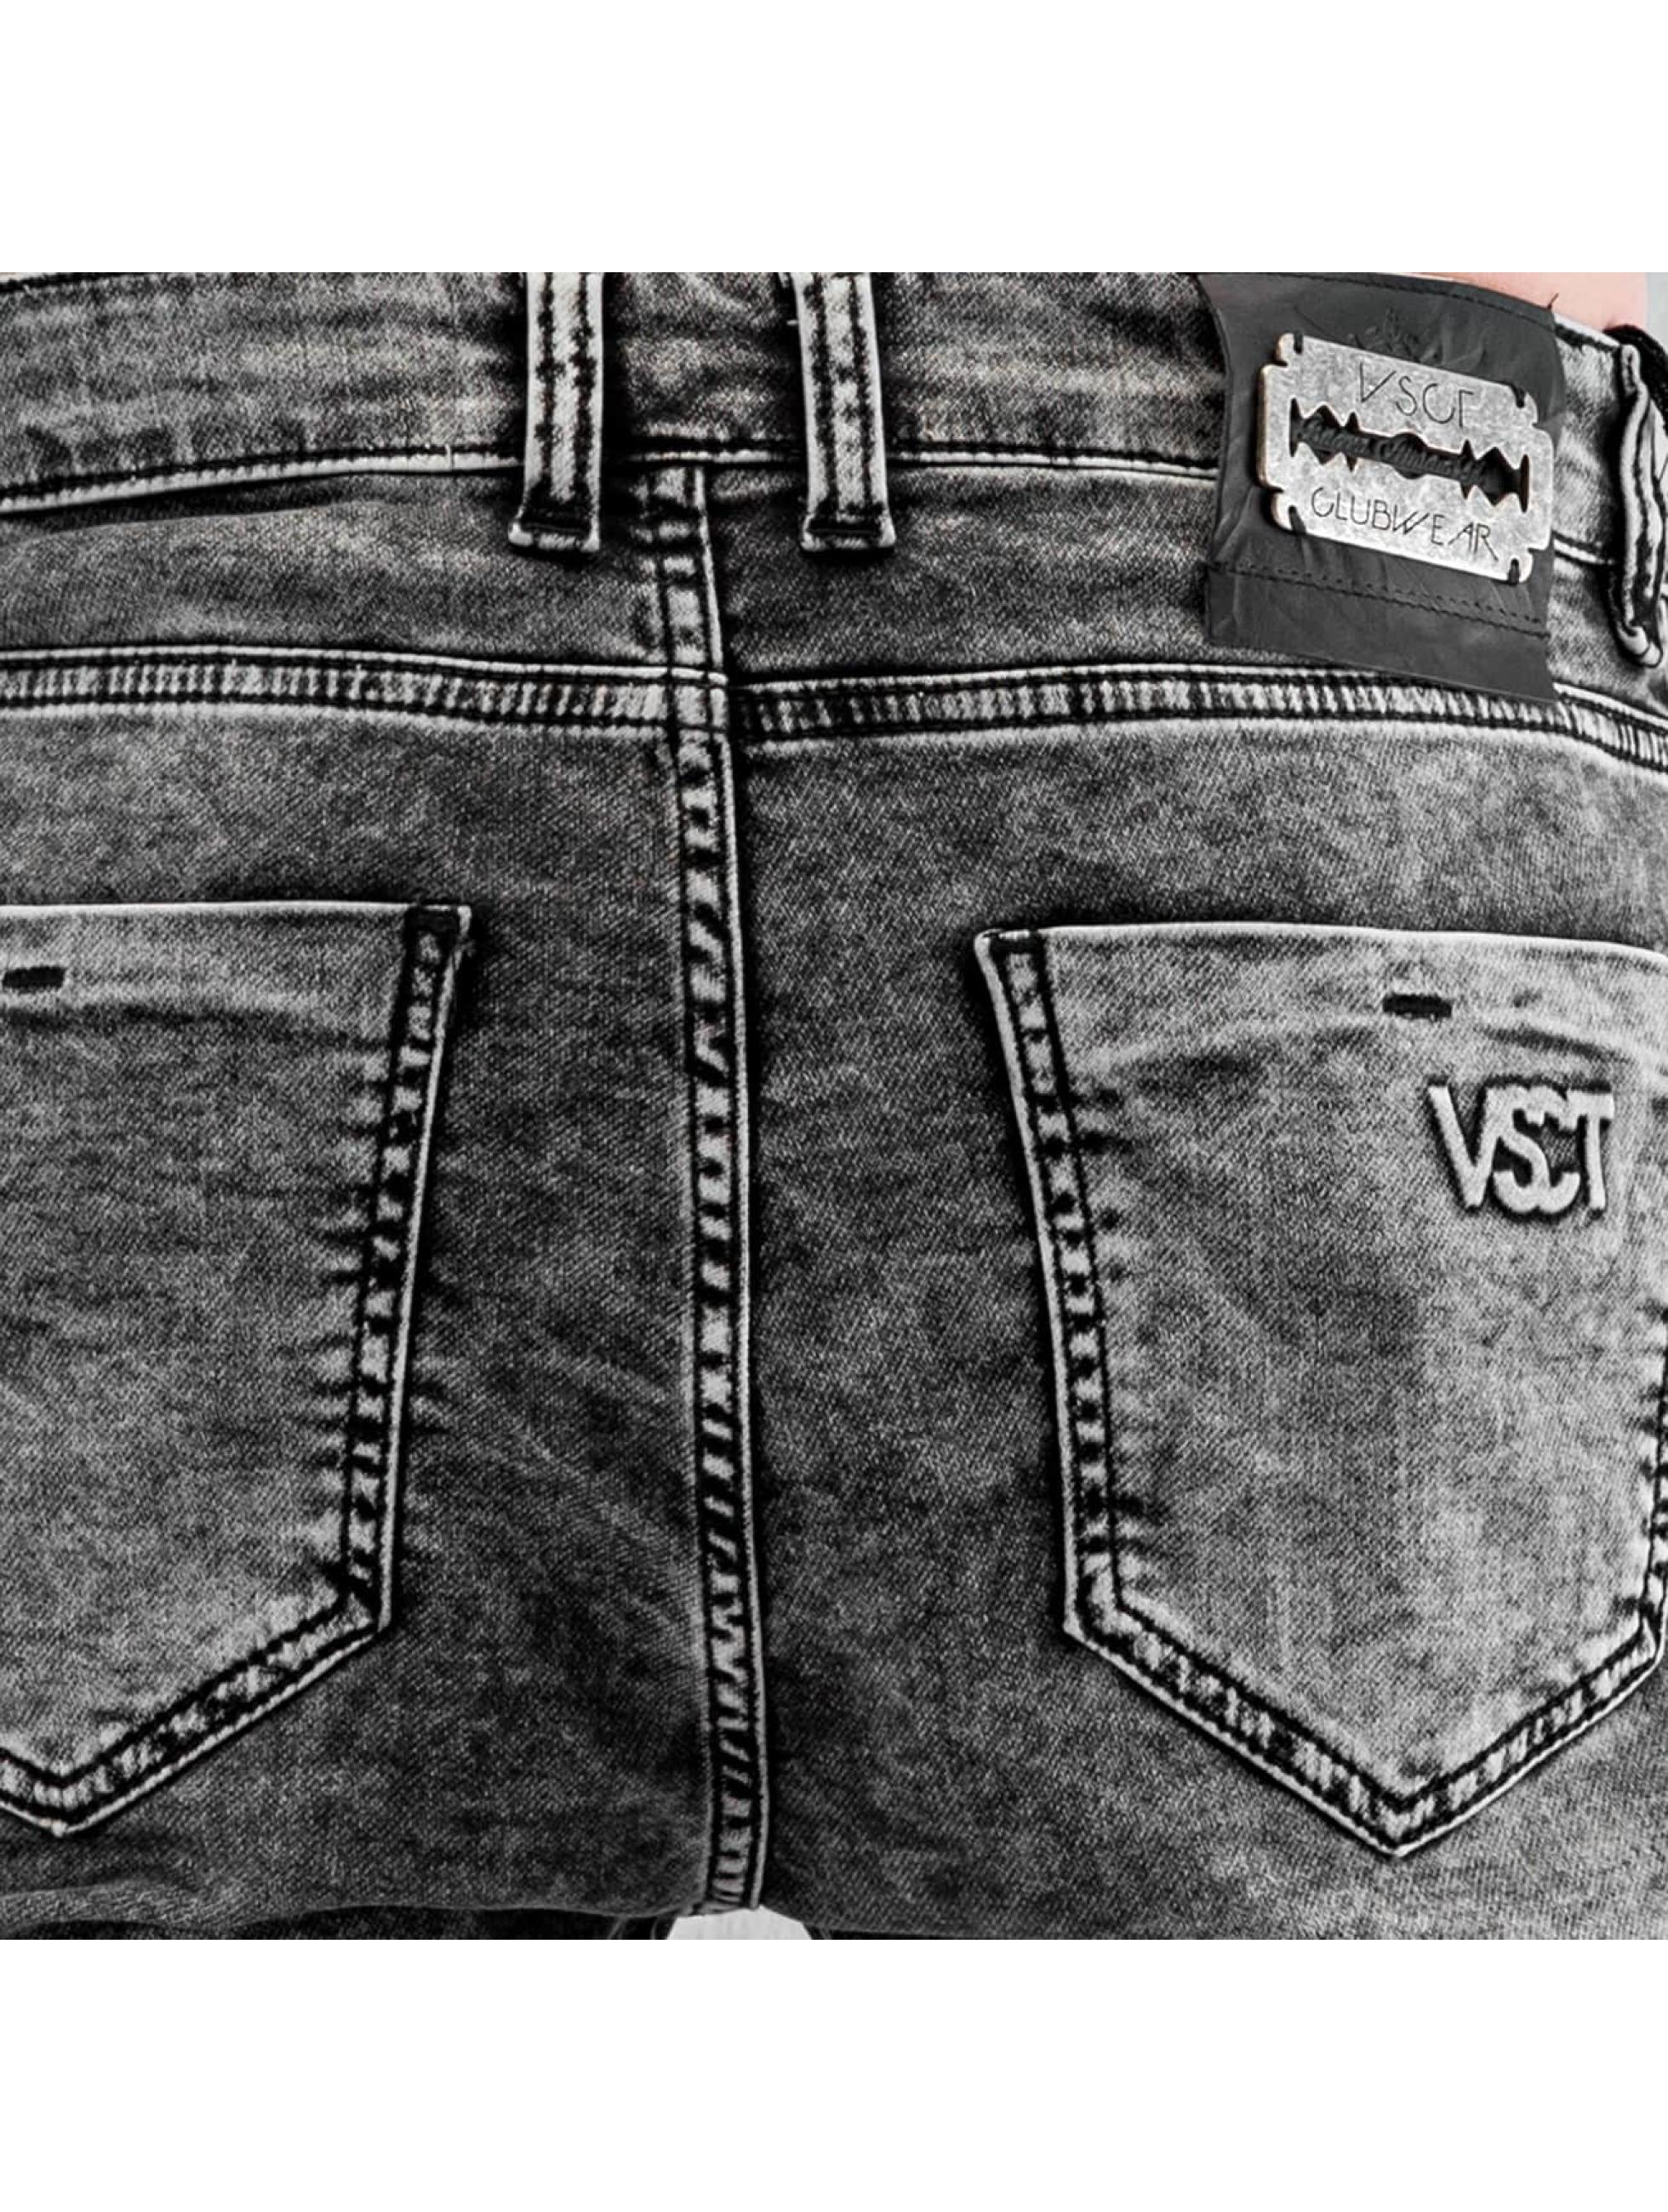 VSCT Clubwear Skinny Jeans Neo Cuffed szary